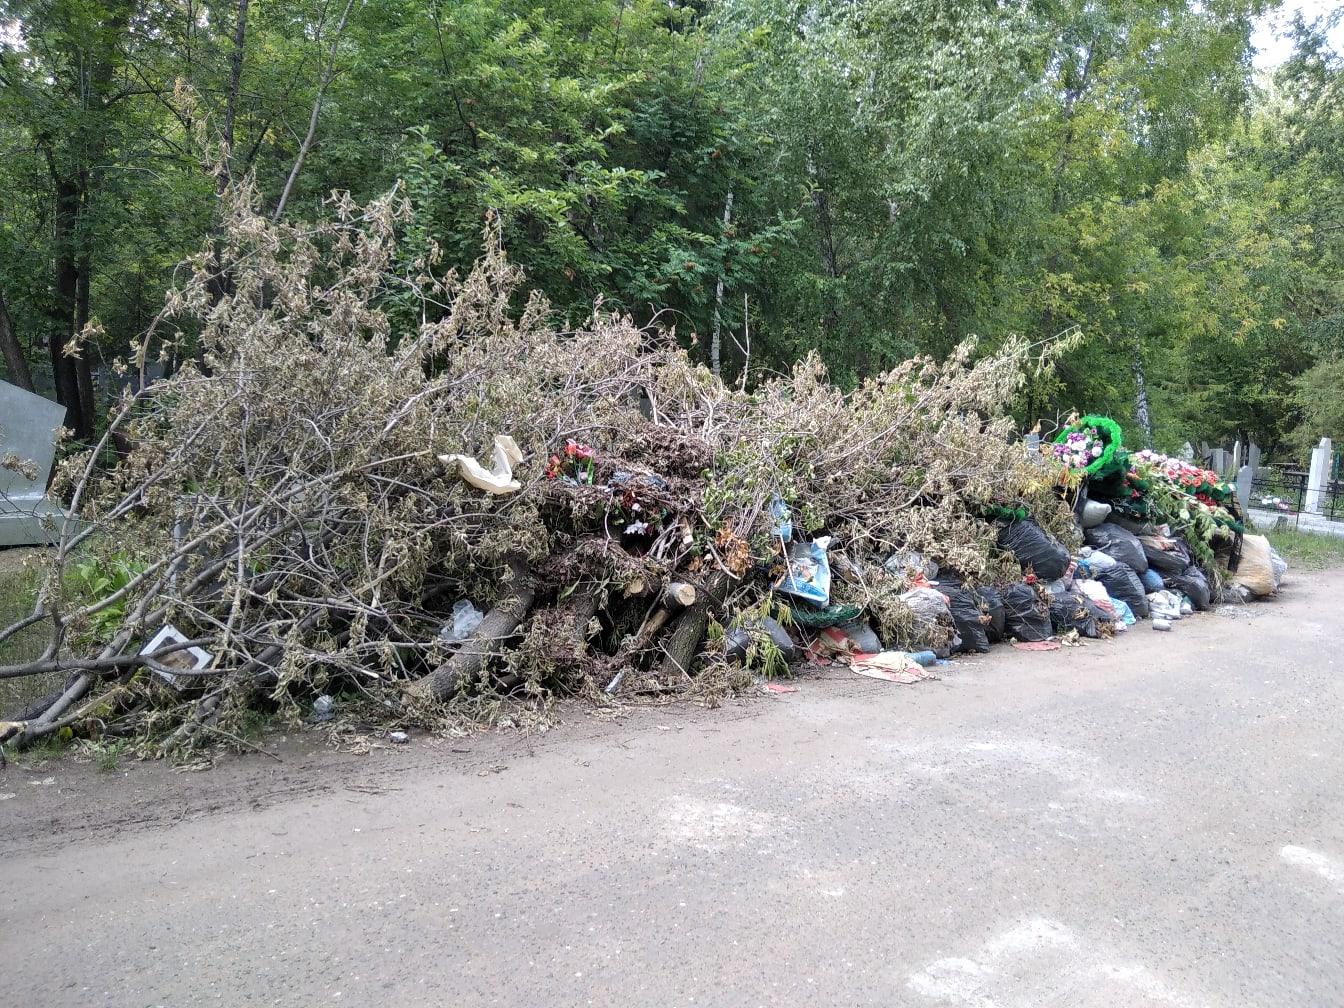 Омских бюджетников отправили искать стихийную свалку на кладбище #Омск #Общество #Сегодня